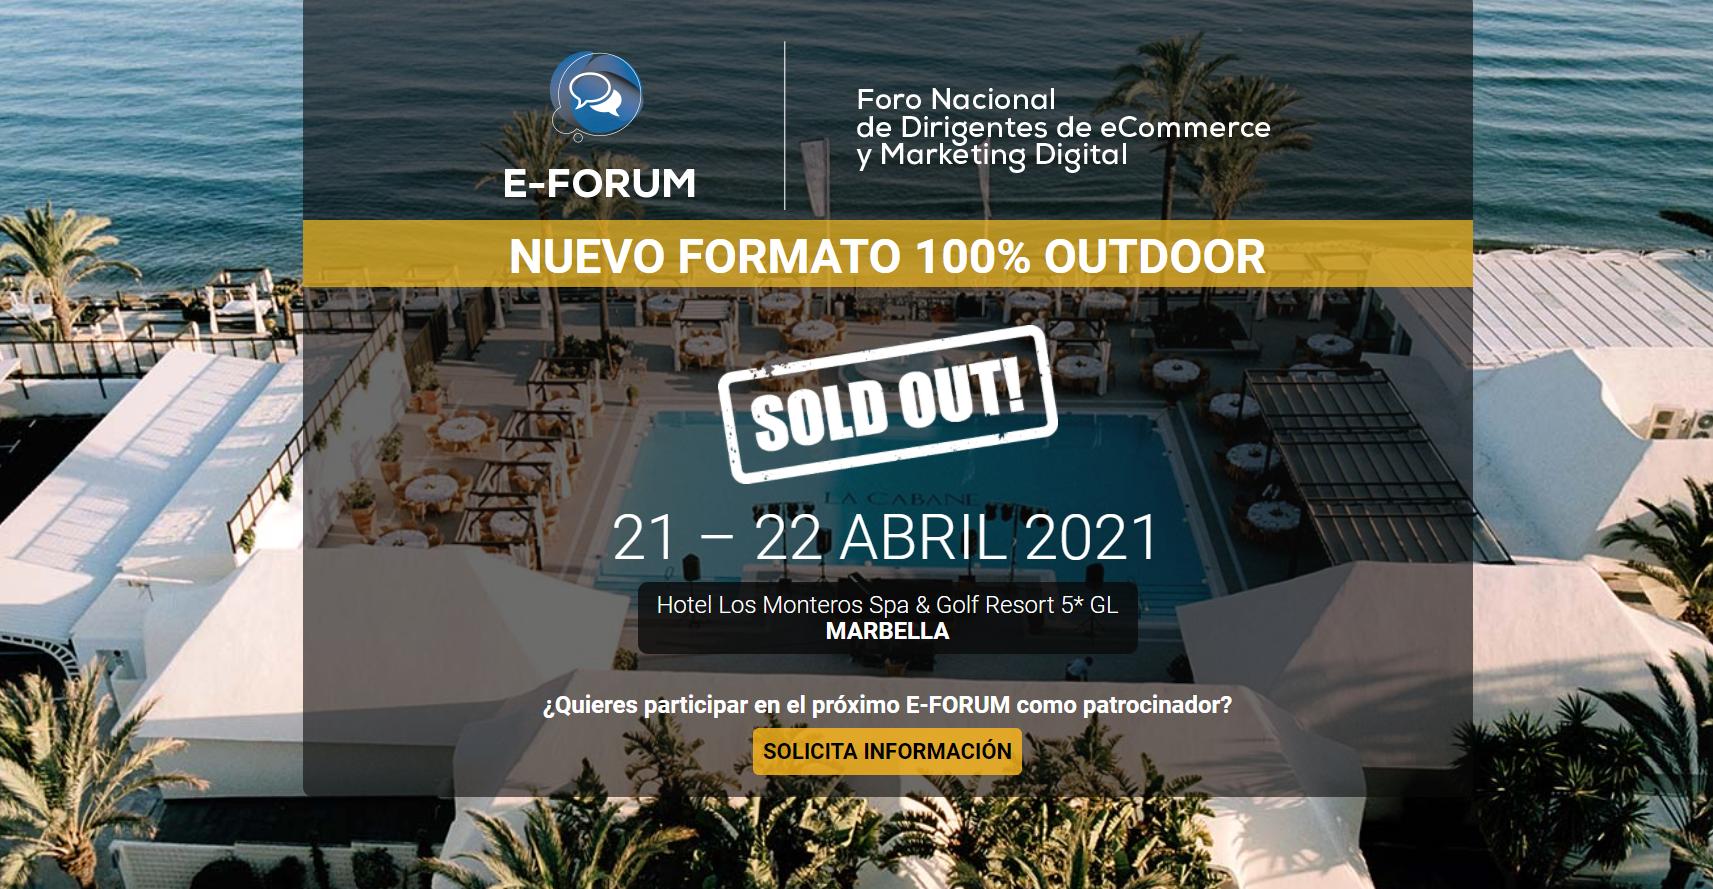 El próximo 21-22 Abril estaremos en E-Forum Marbella dándolo todo